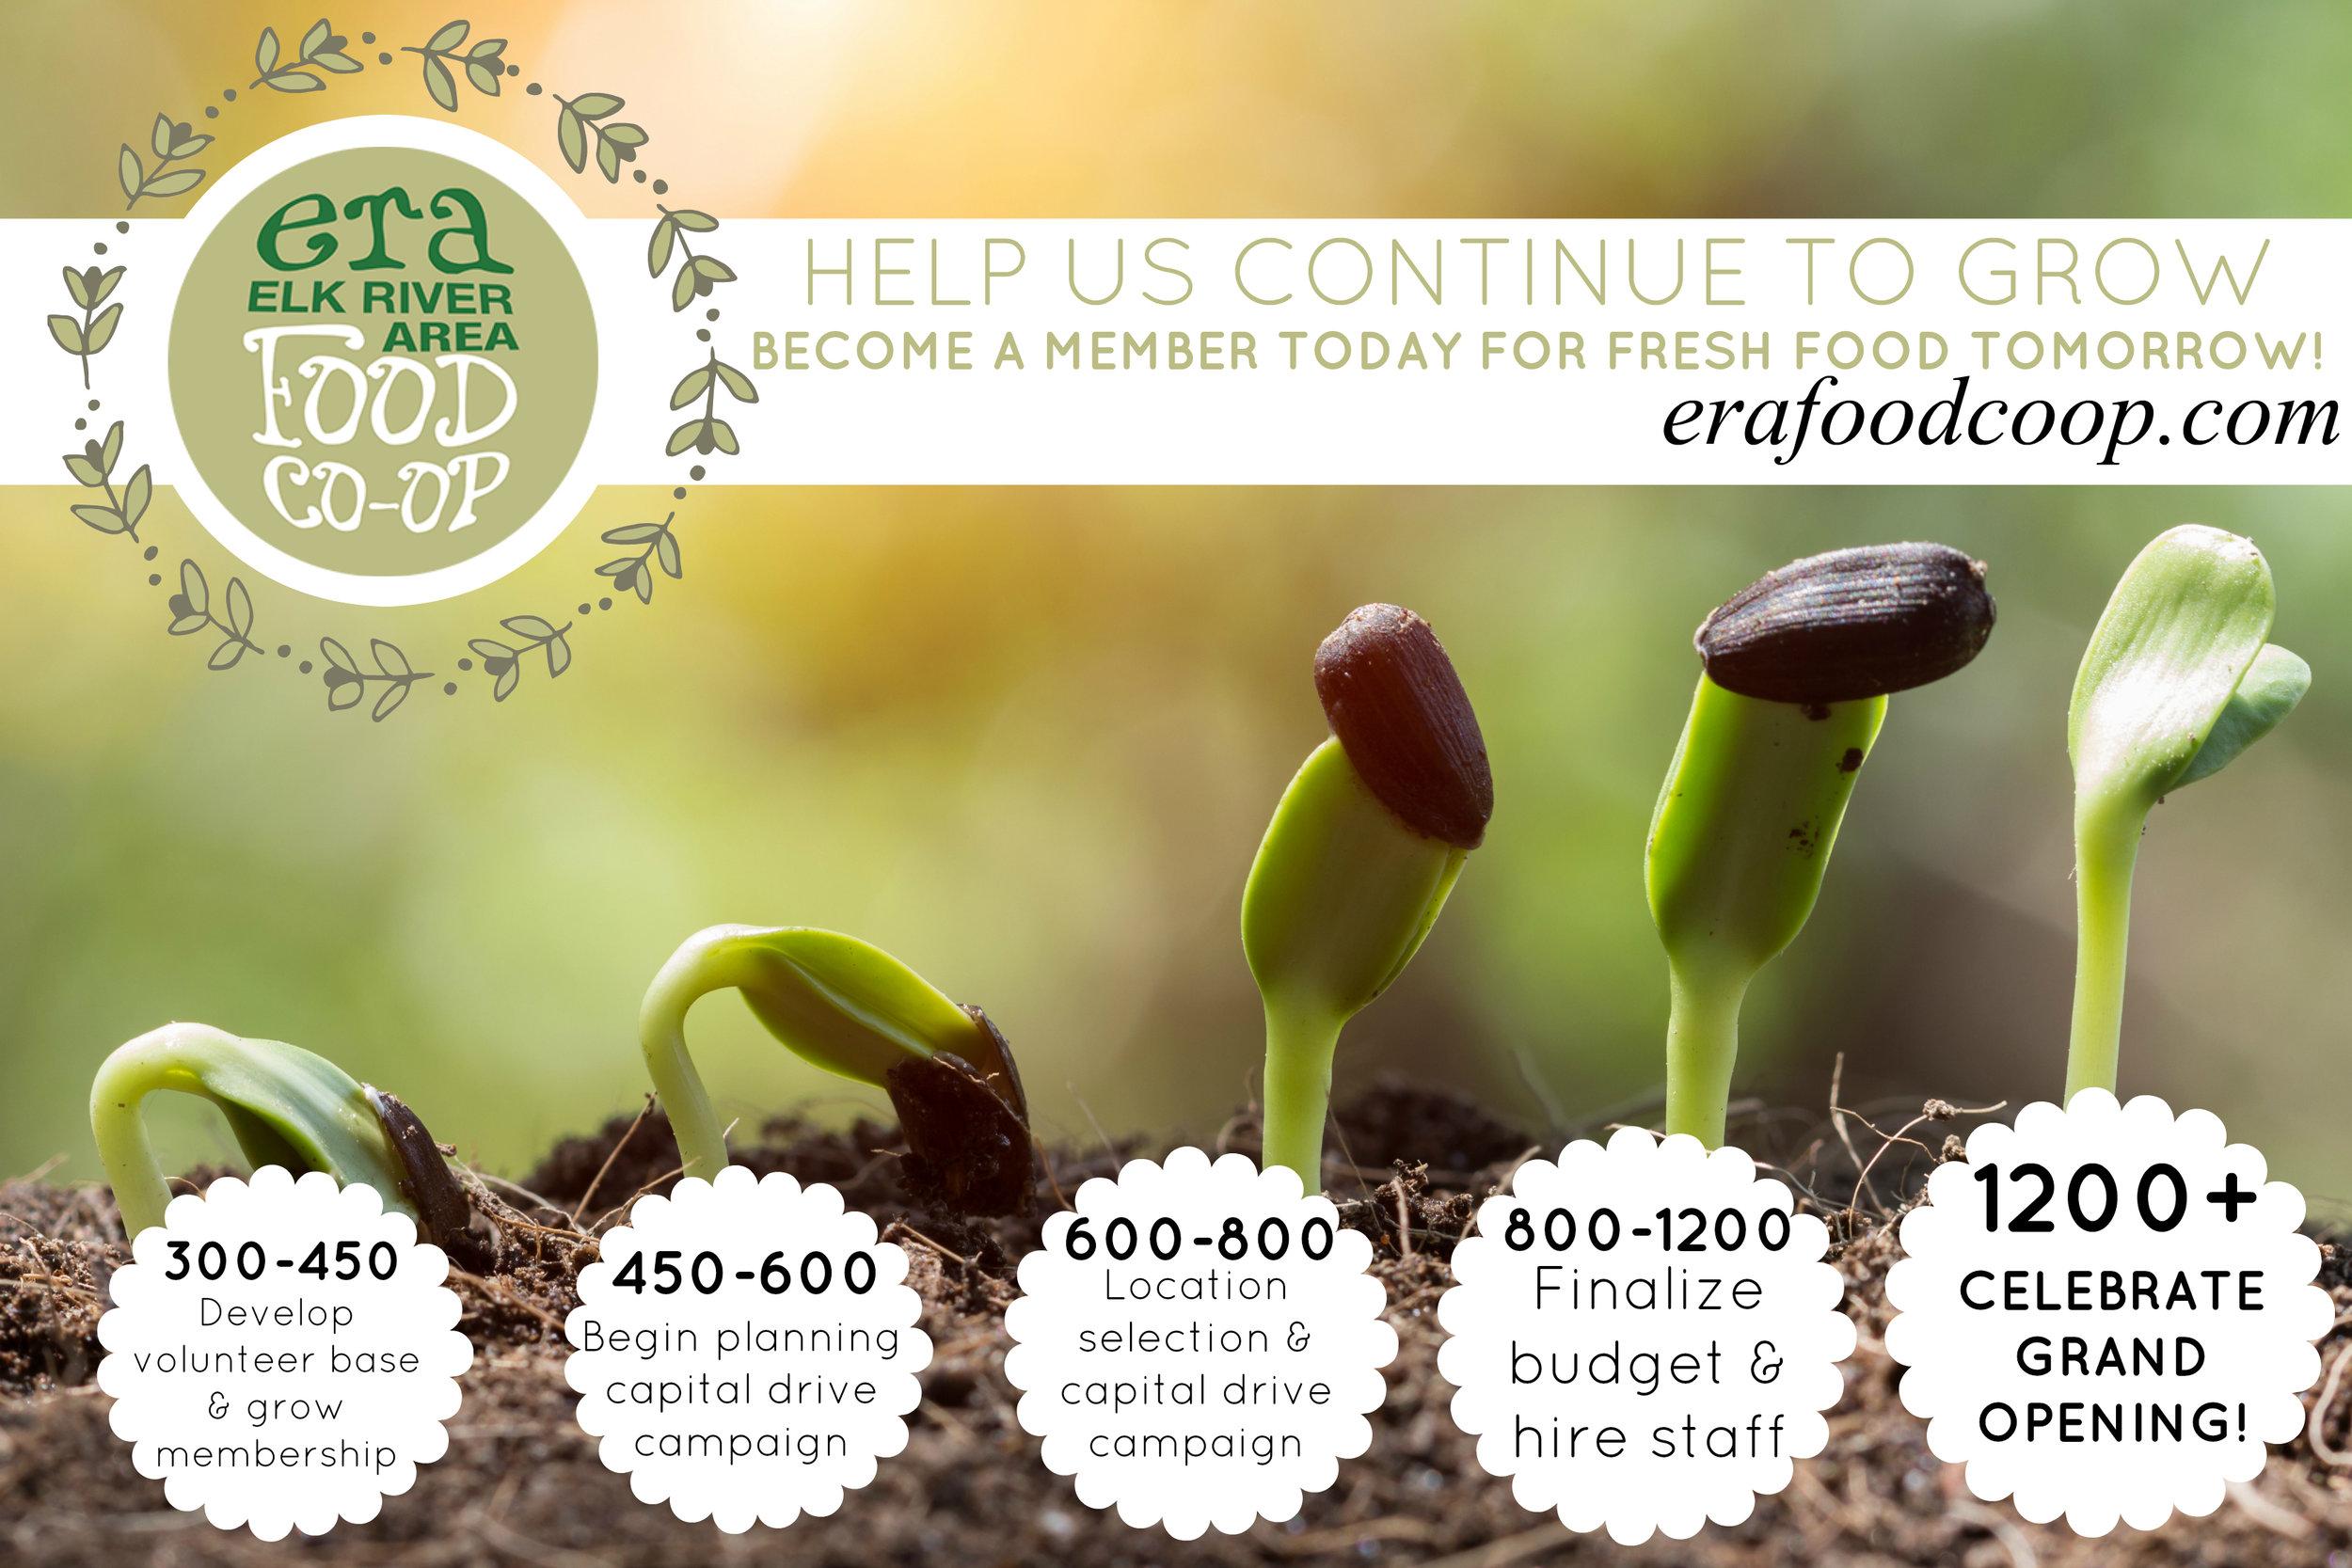 Elk River Area Food Co-op Developmental Timeline